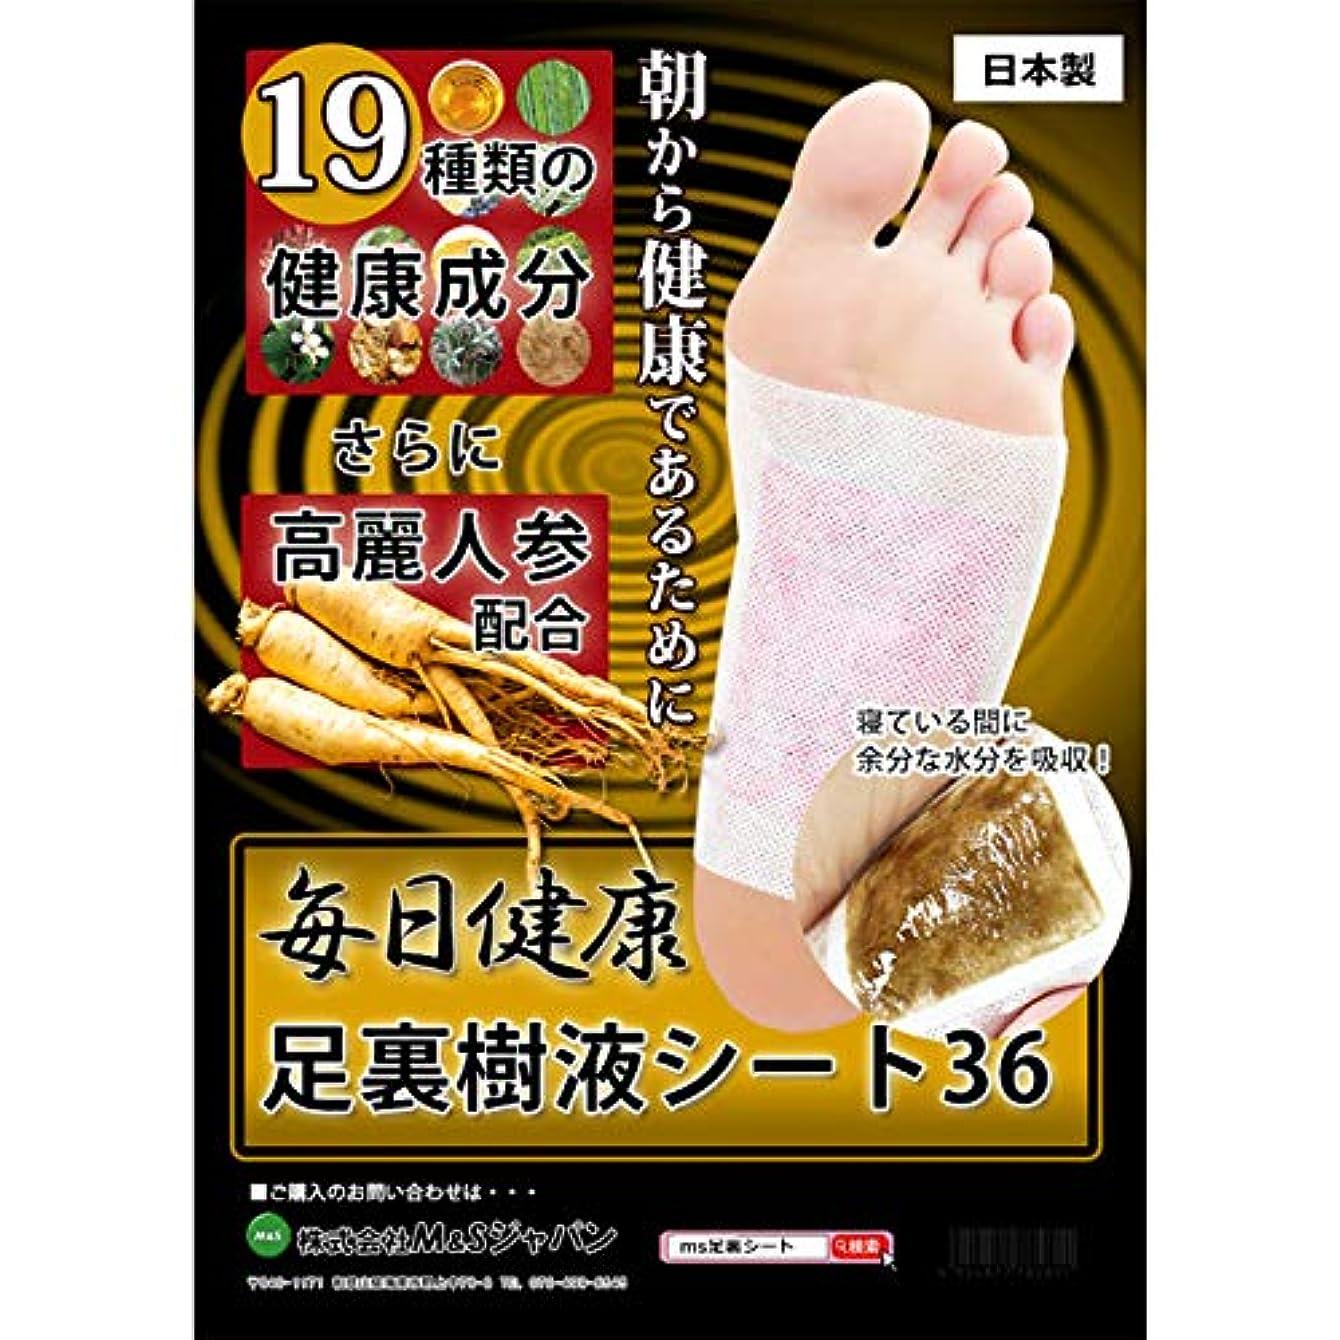 でも落胆したポーチ毎日 健康 足裏樹液シート 高麗人参入り+19種類の健康成分 36枚 日本製